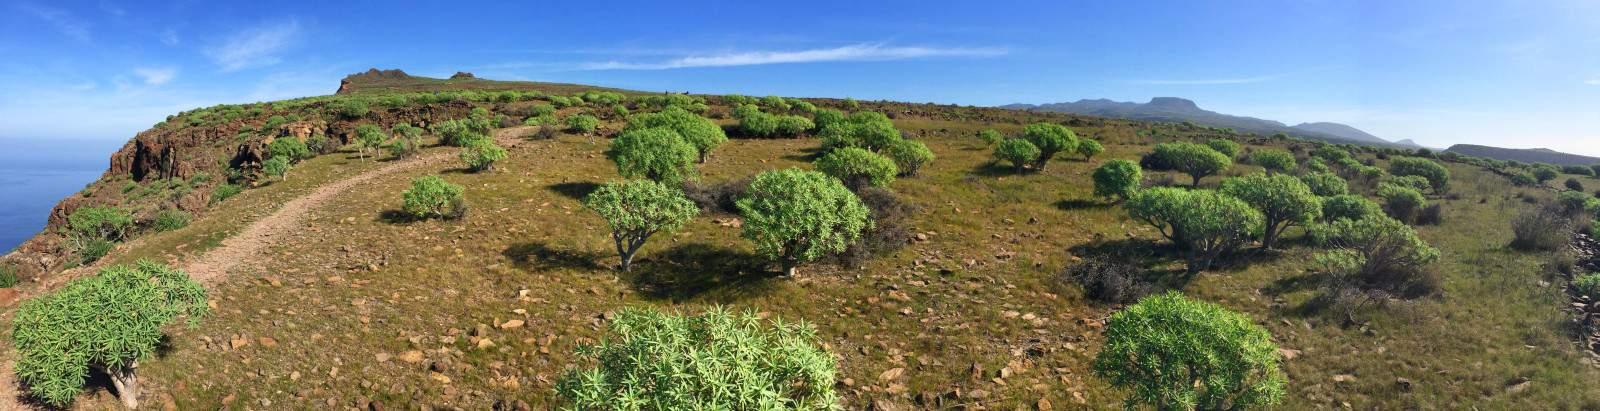 Plateau au-dessus de la Valle Gran Rey